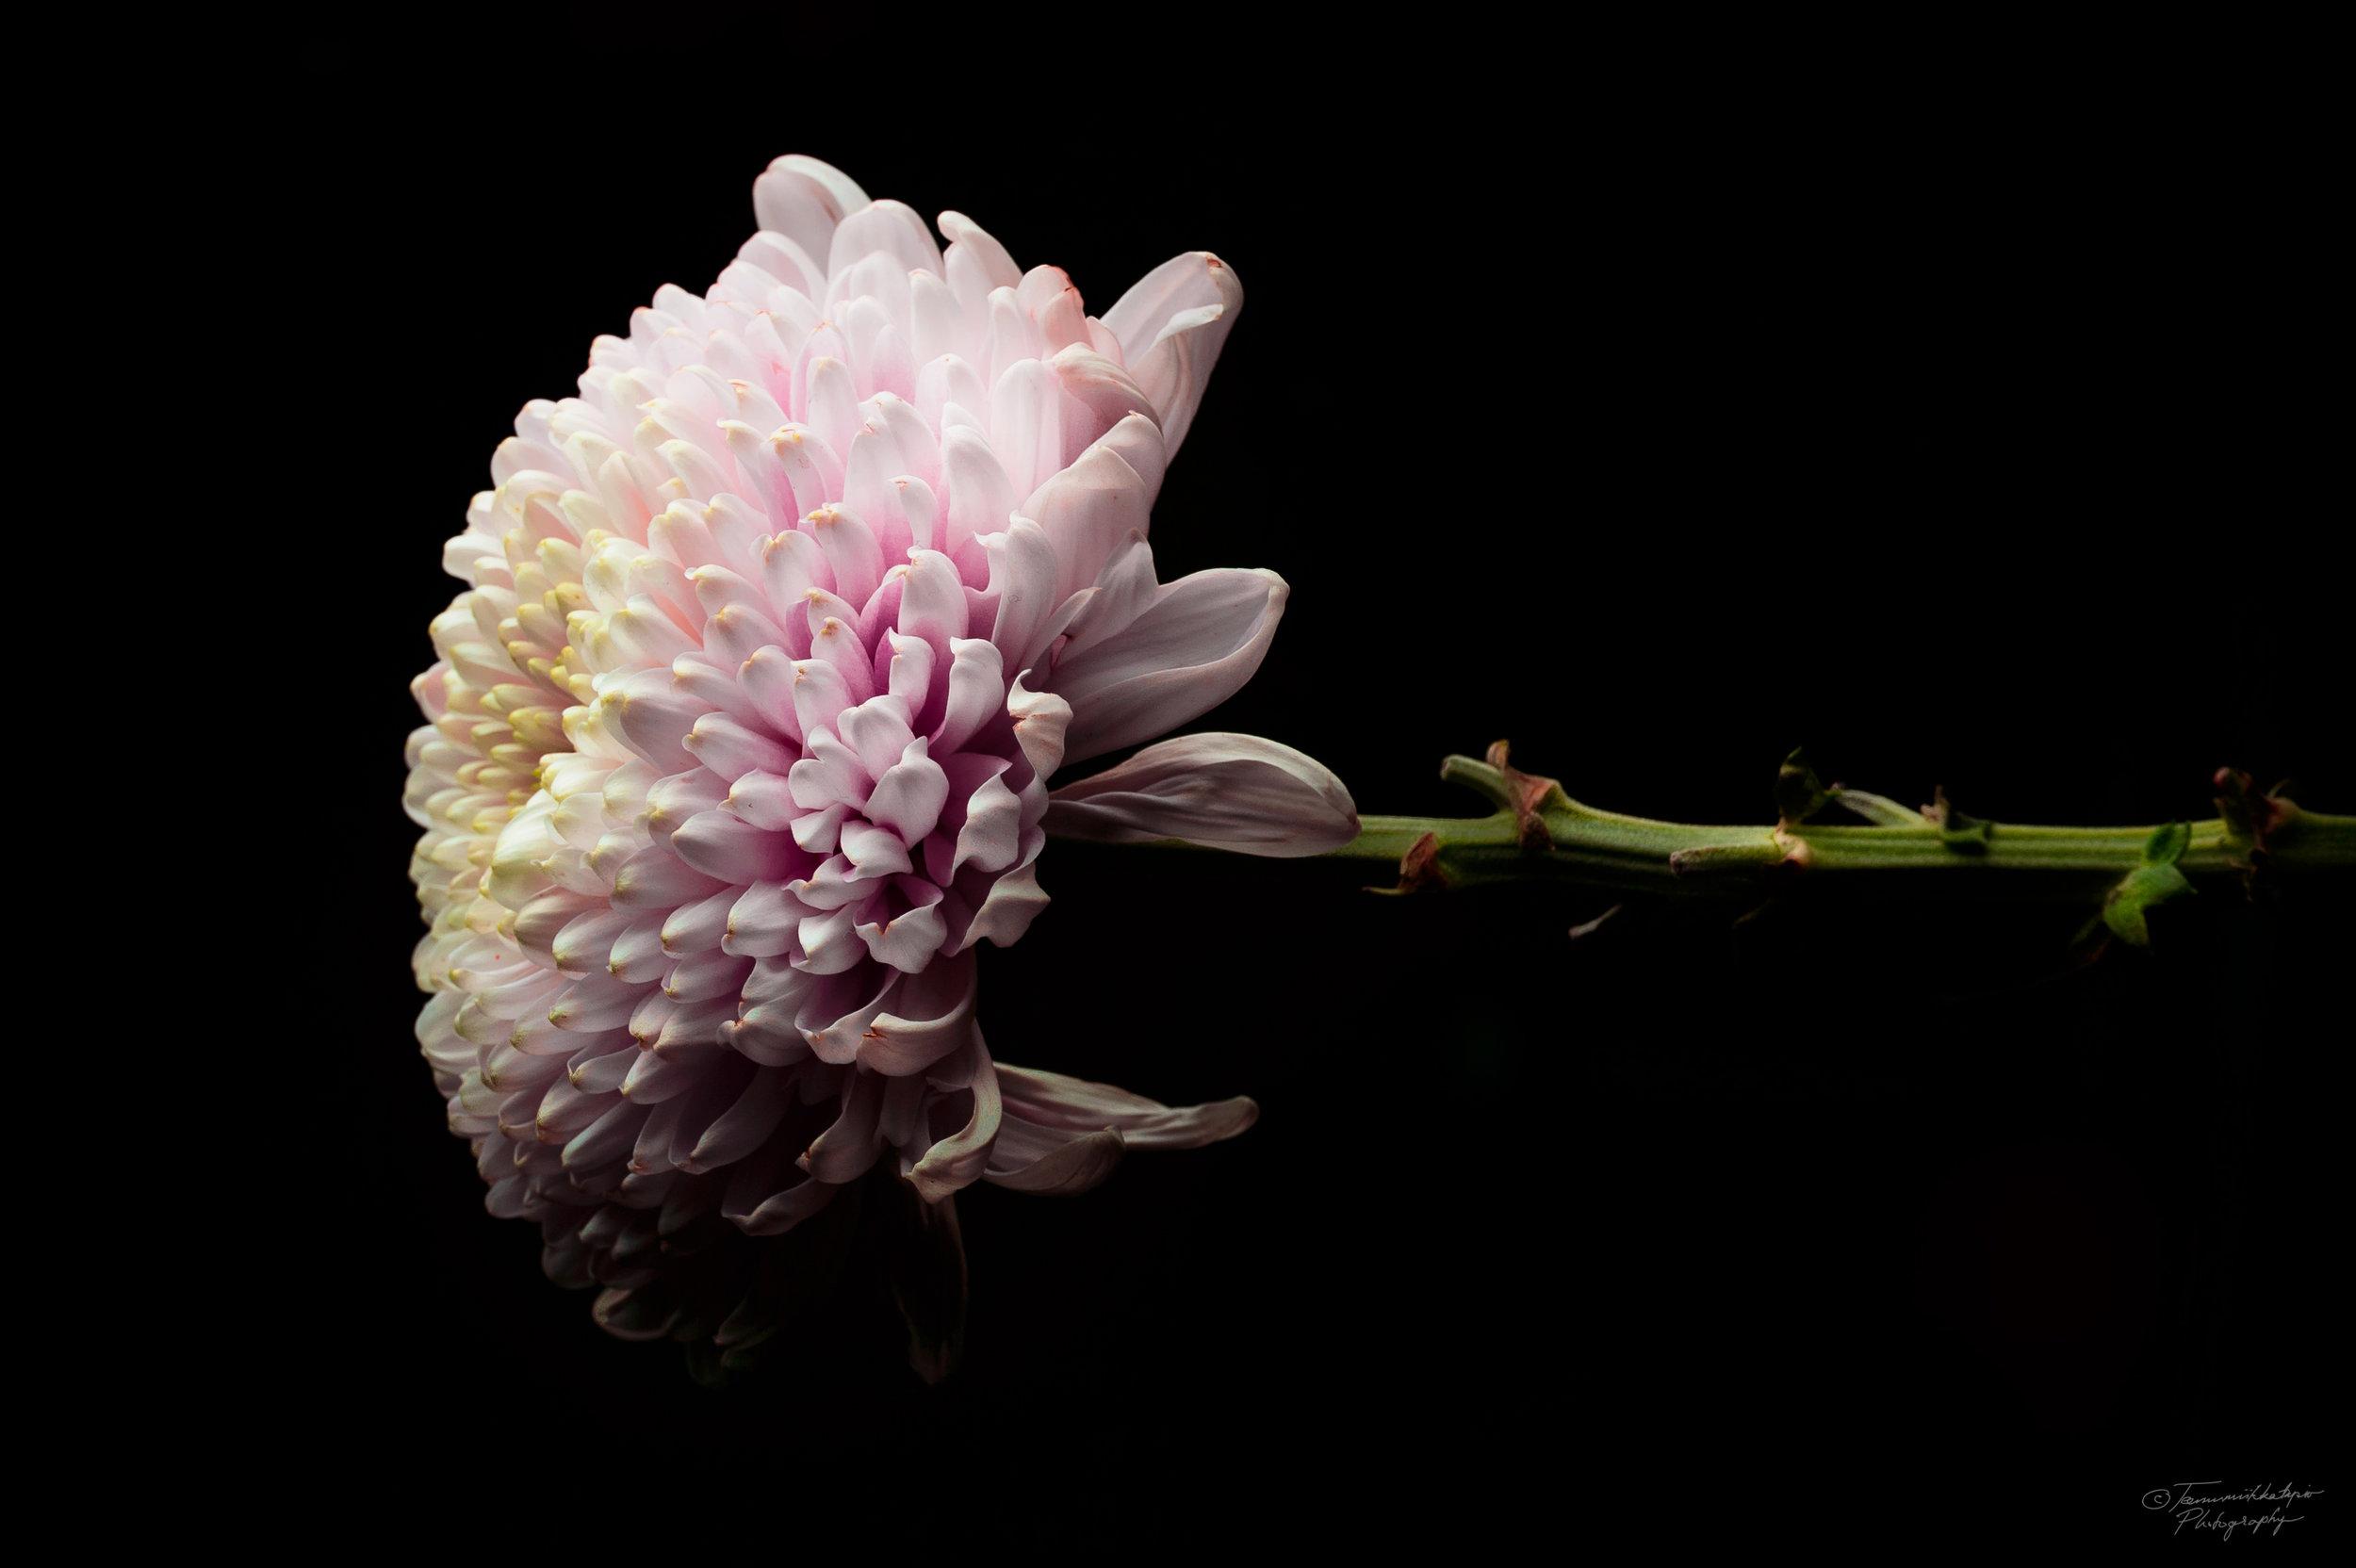 alone flower in a light.jpg